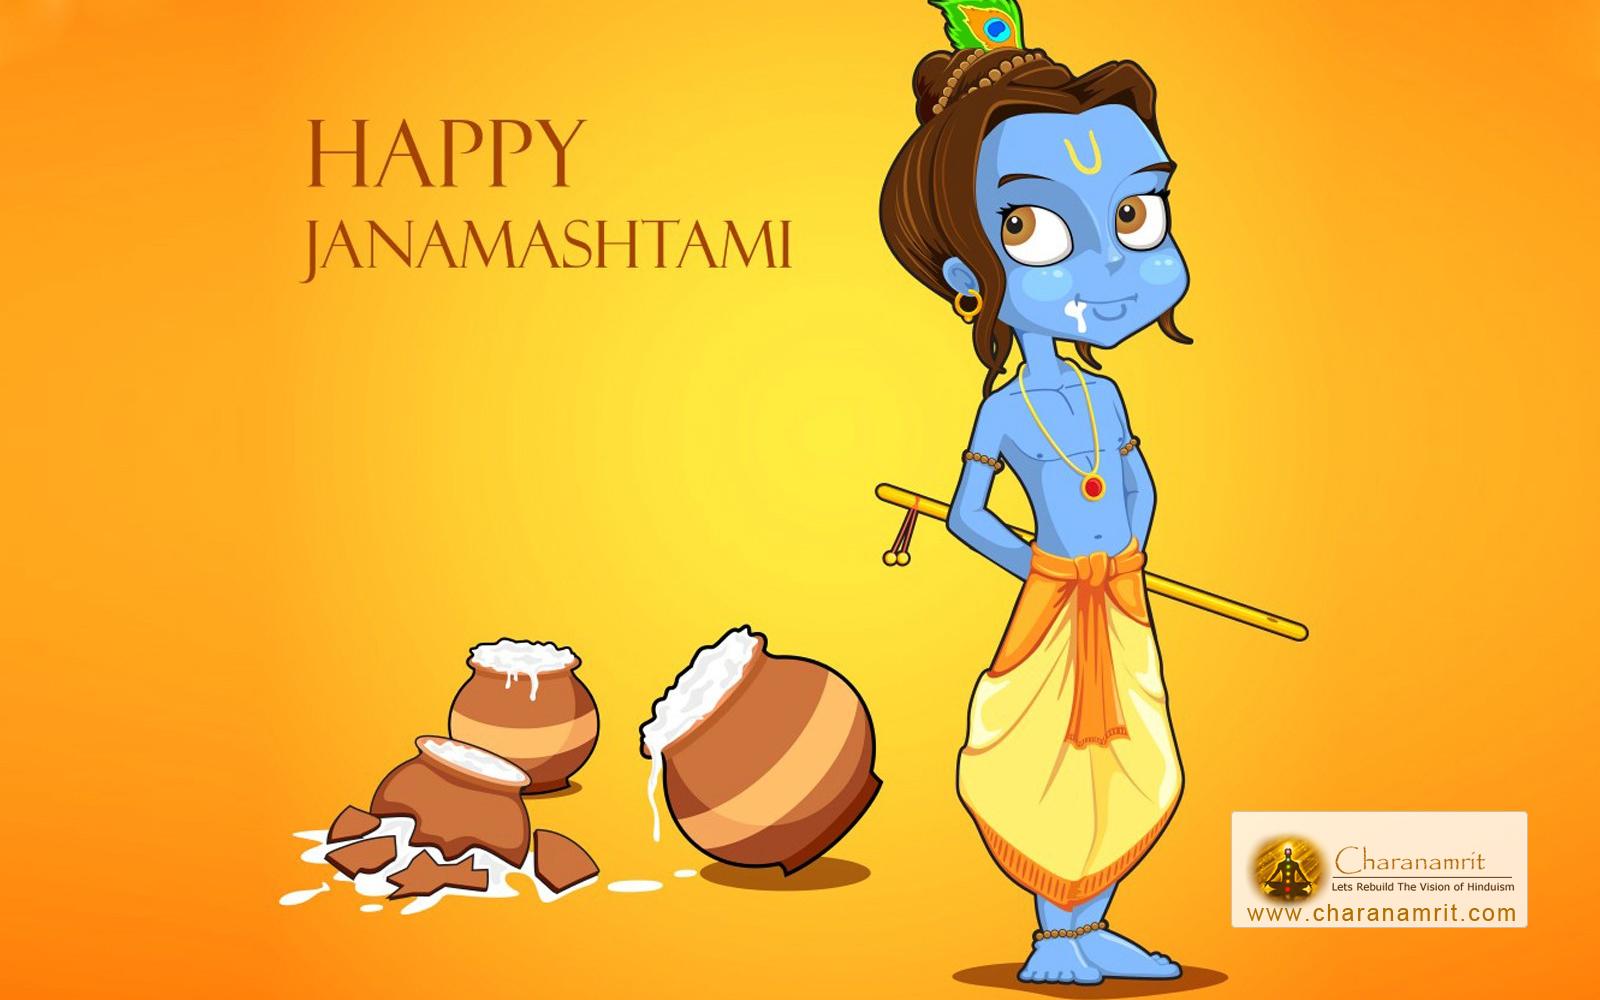 2016 clipart janmashtami. Charanamrit krishna latest best